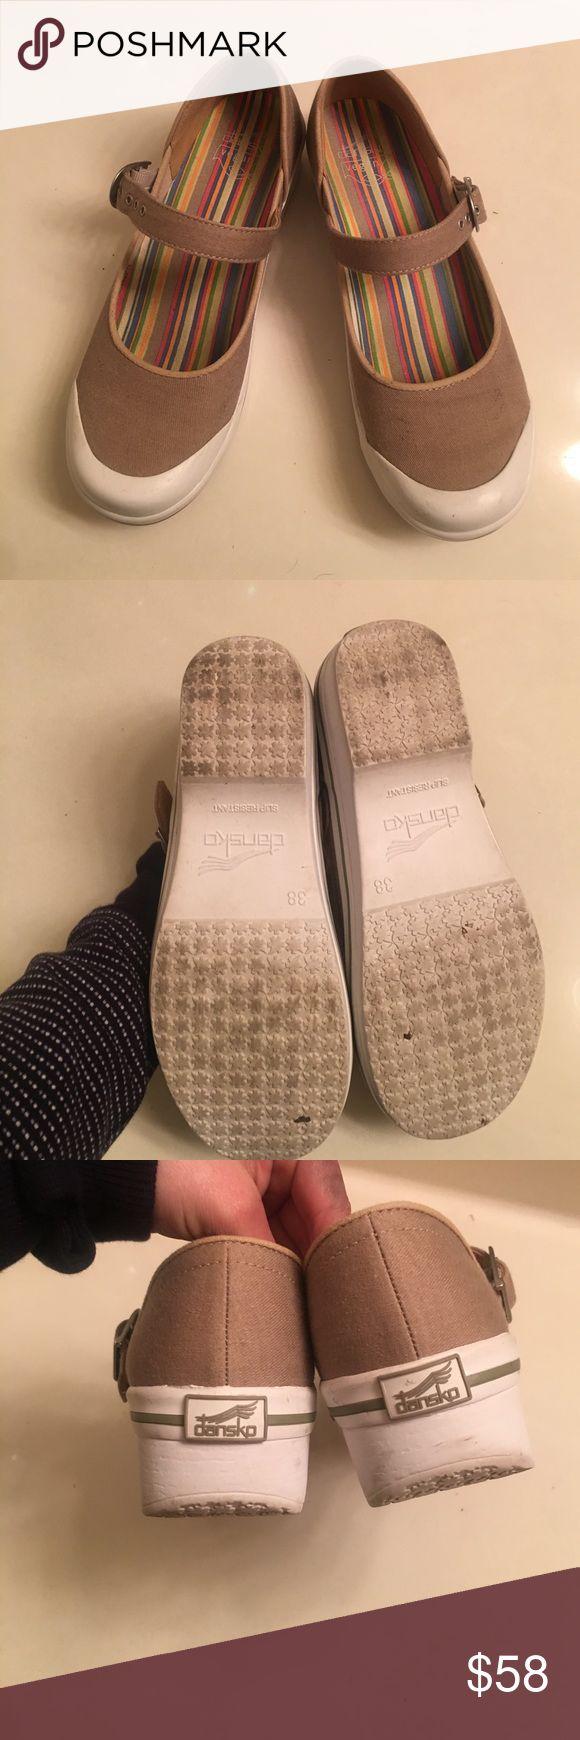 Dansko Mary Jane Clogs Dansko Mary Jane Clogs Dansko Shoes Mules & Clogs